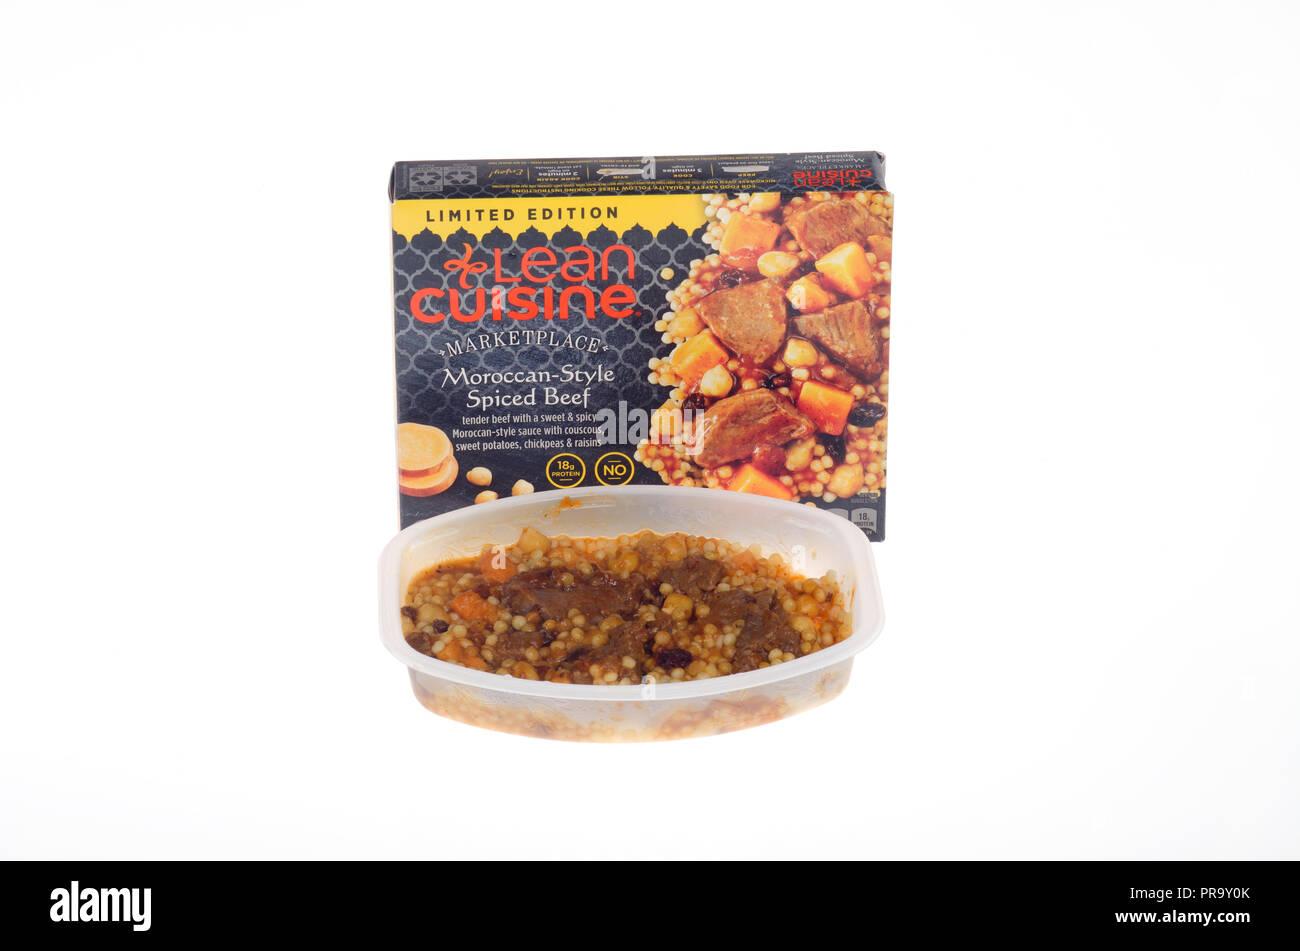 Cuisine maigre cuit boeuf épicé marché style marocain avec couscous Photo Stock